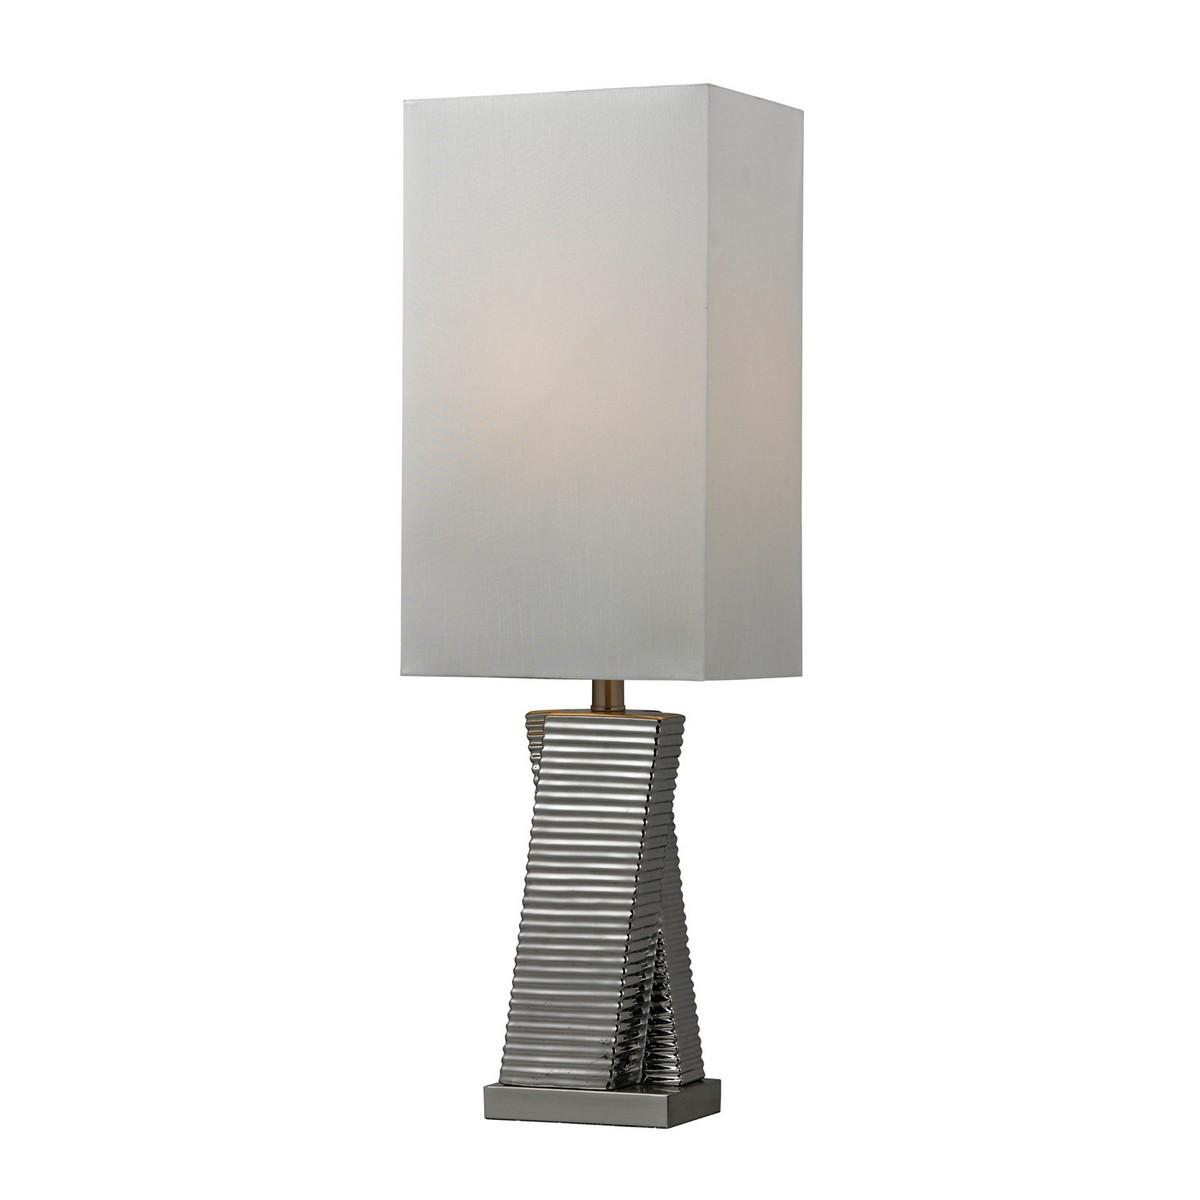 Elk Lighting D135 Table Lamp - Chrome Plated